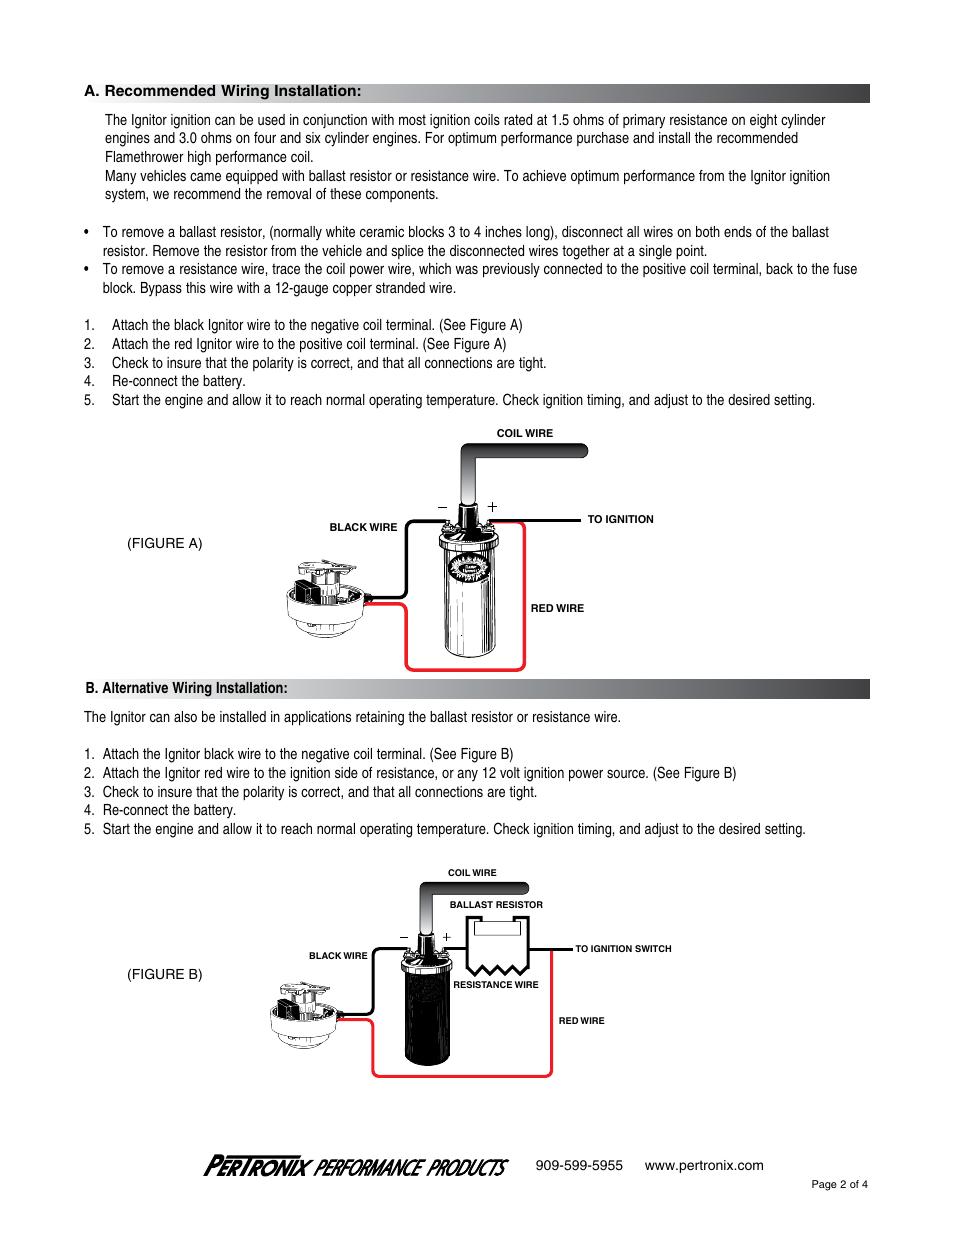 Pertronix Ignitor 1281 User Manual